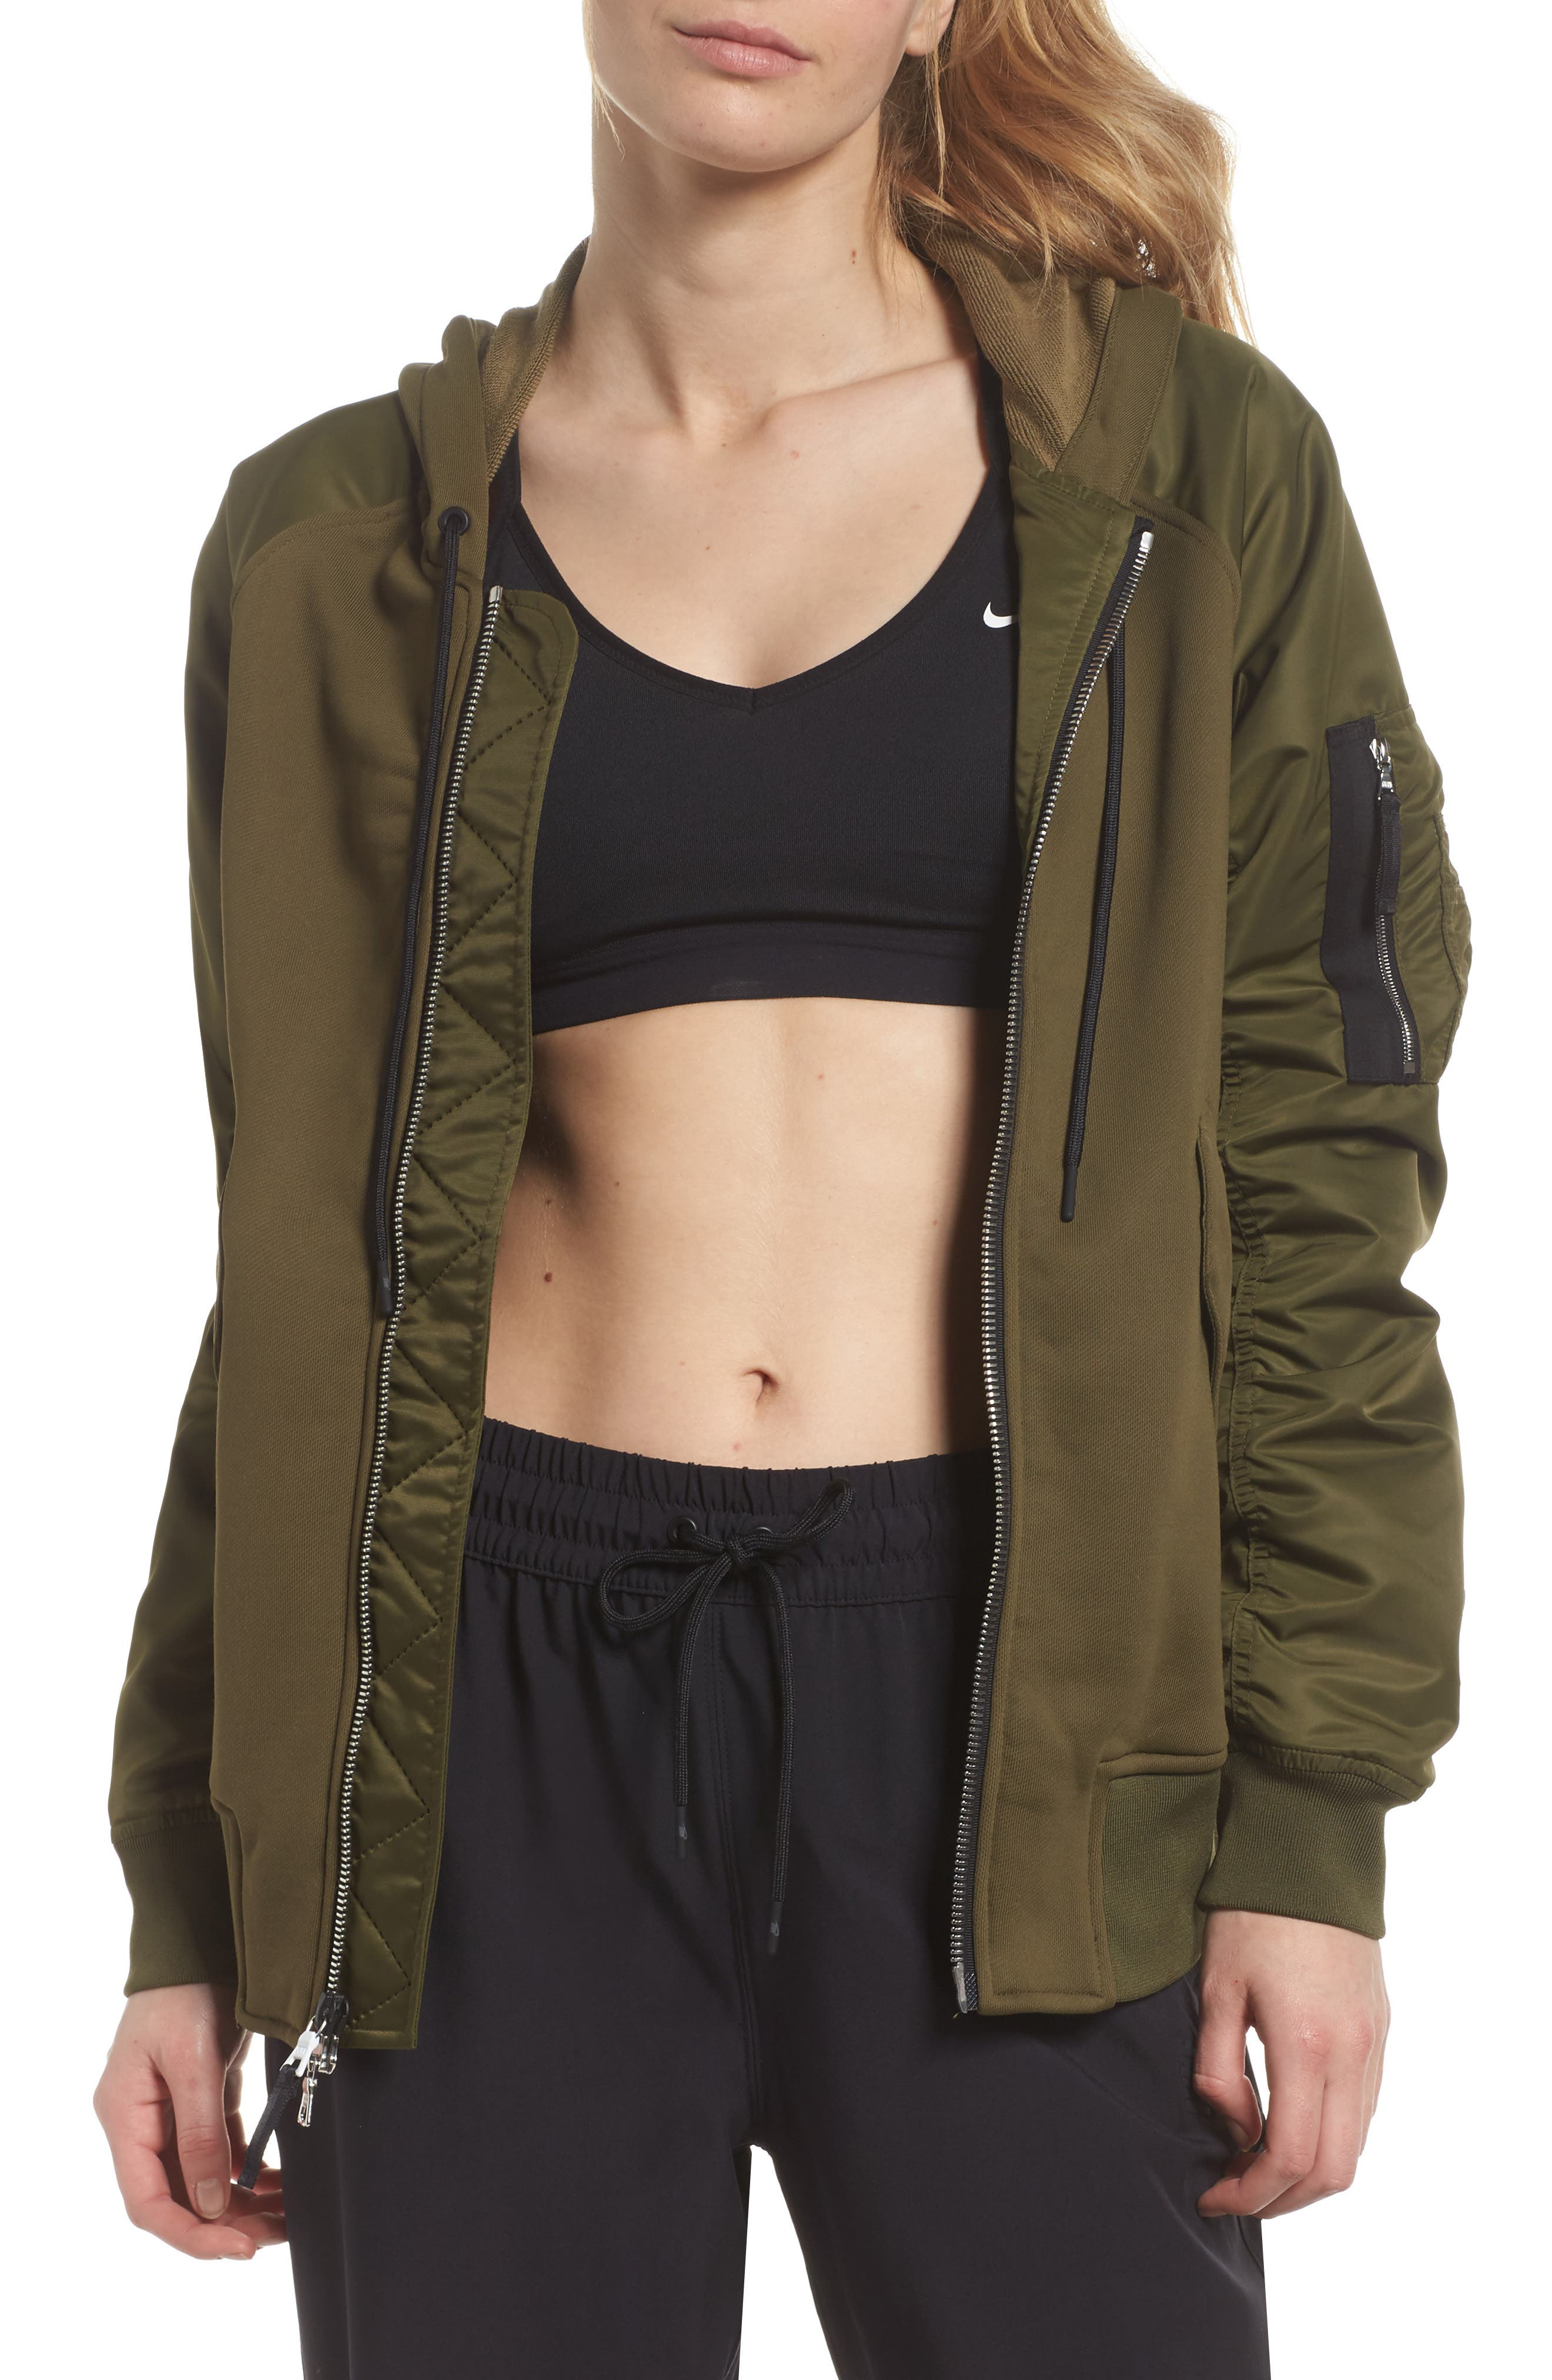 NikeLab Women's Mixed Media Bomber Jacket,                         Main,                         color,